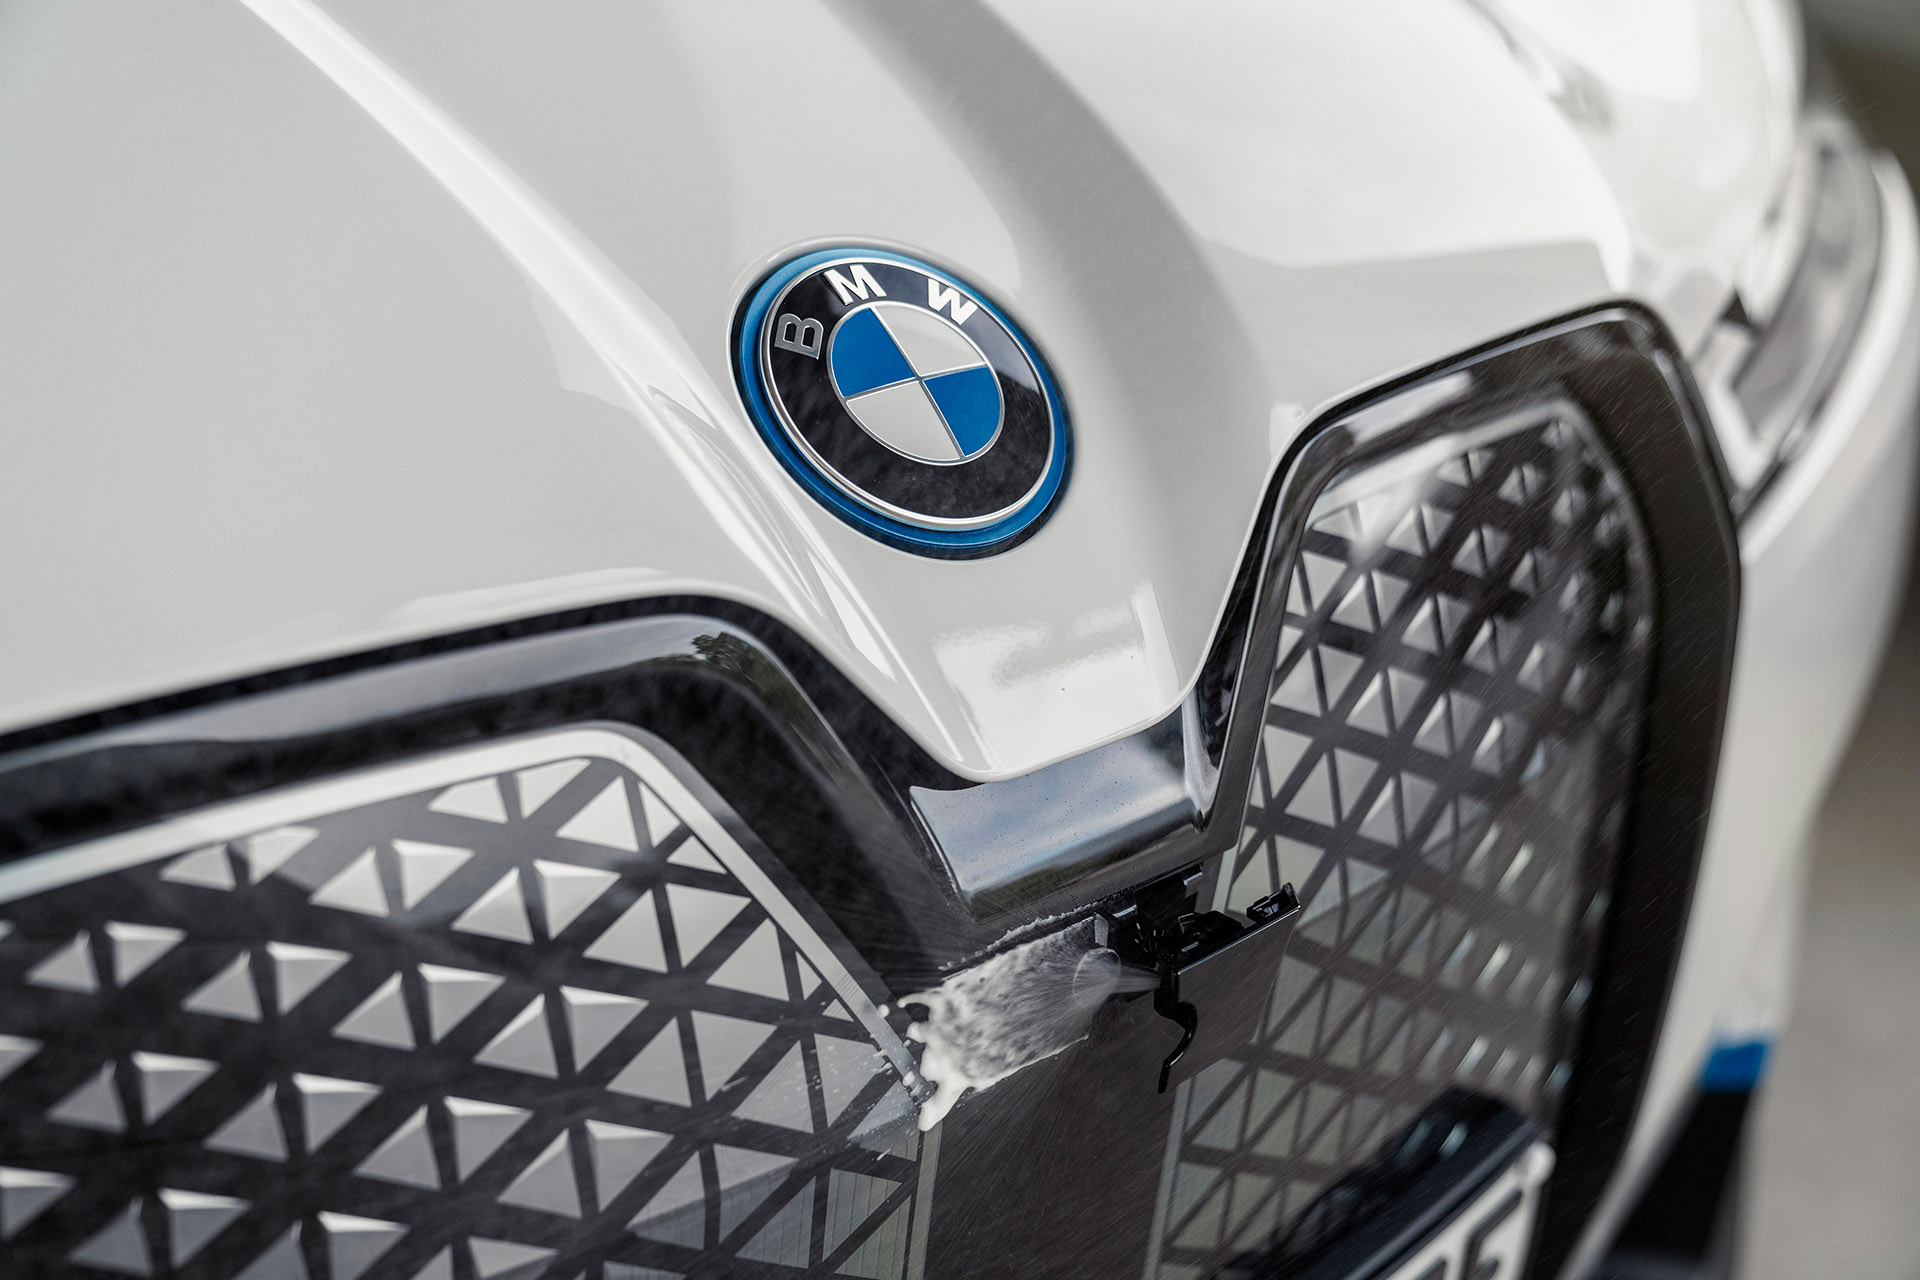 Fechar a icônica grade foi medida ousada mas necessária para a aerodinâmica almejada pela BMW